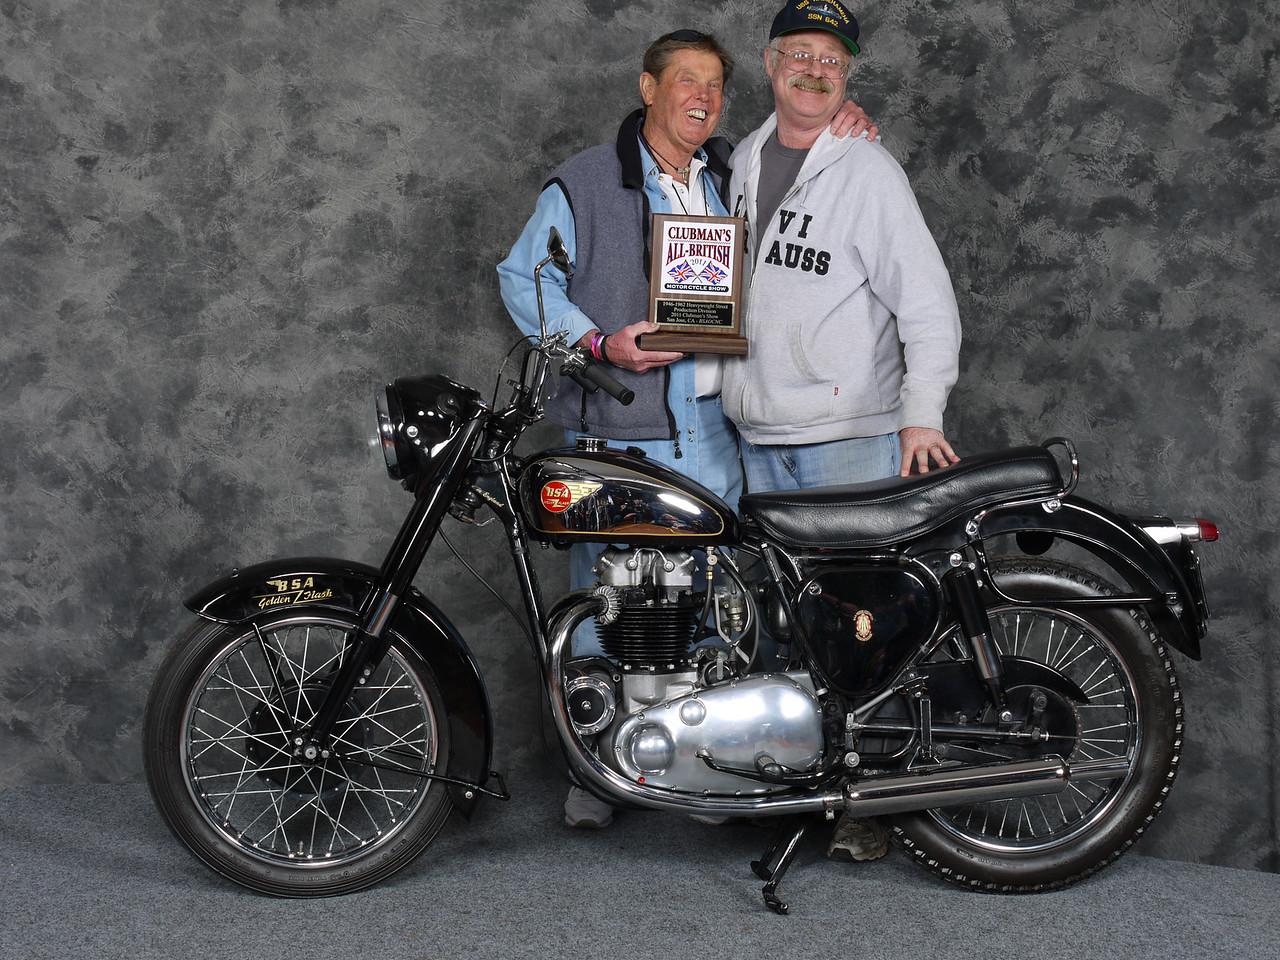 Gary Dodds, Street Heavyweight 1946-1962, Production - 1954 BSA A10 Golden Flash